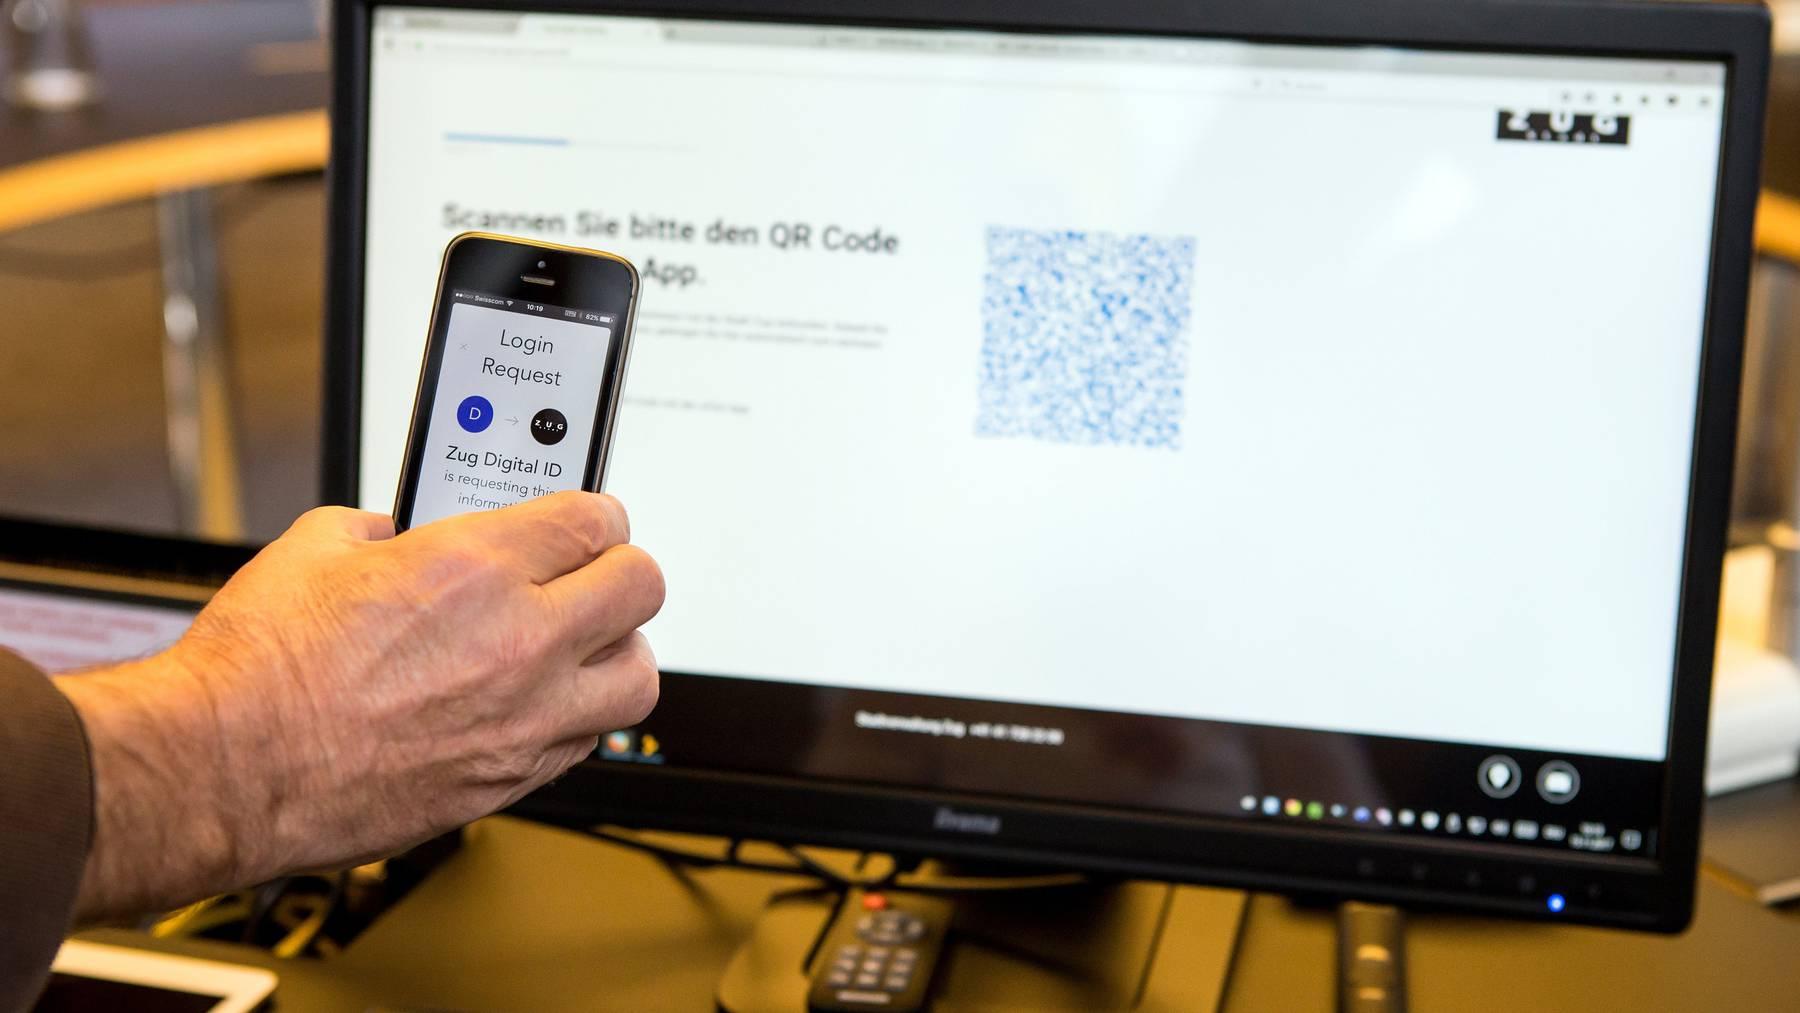 Staatliche Dienstleistungen über private Internet-Identität: Nur eine Minderheit hat Bedenken wegen dem Datenschutz. (Symbolbild)